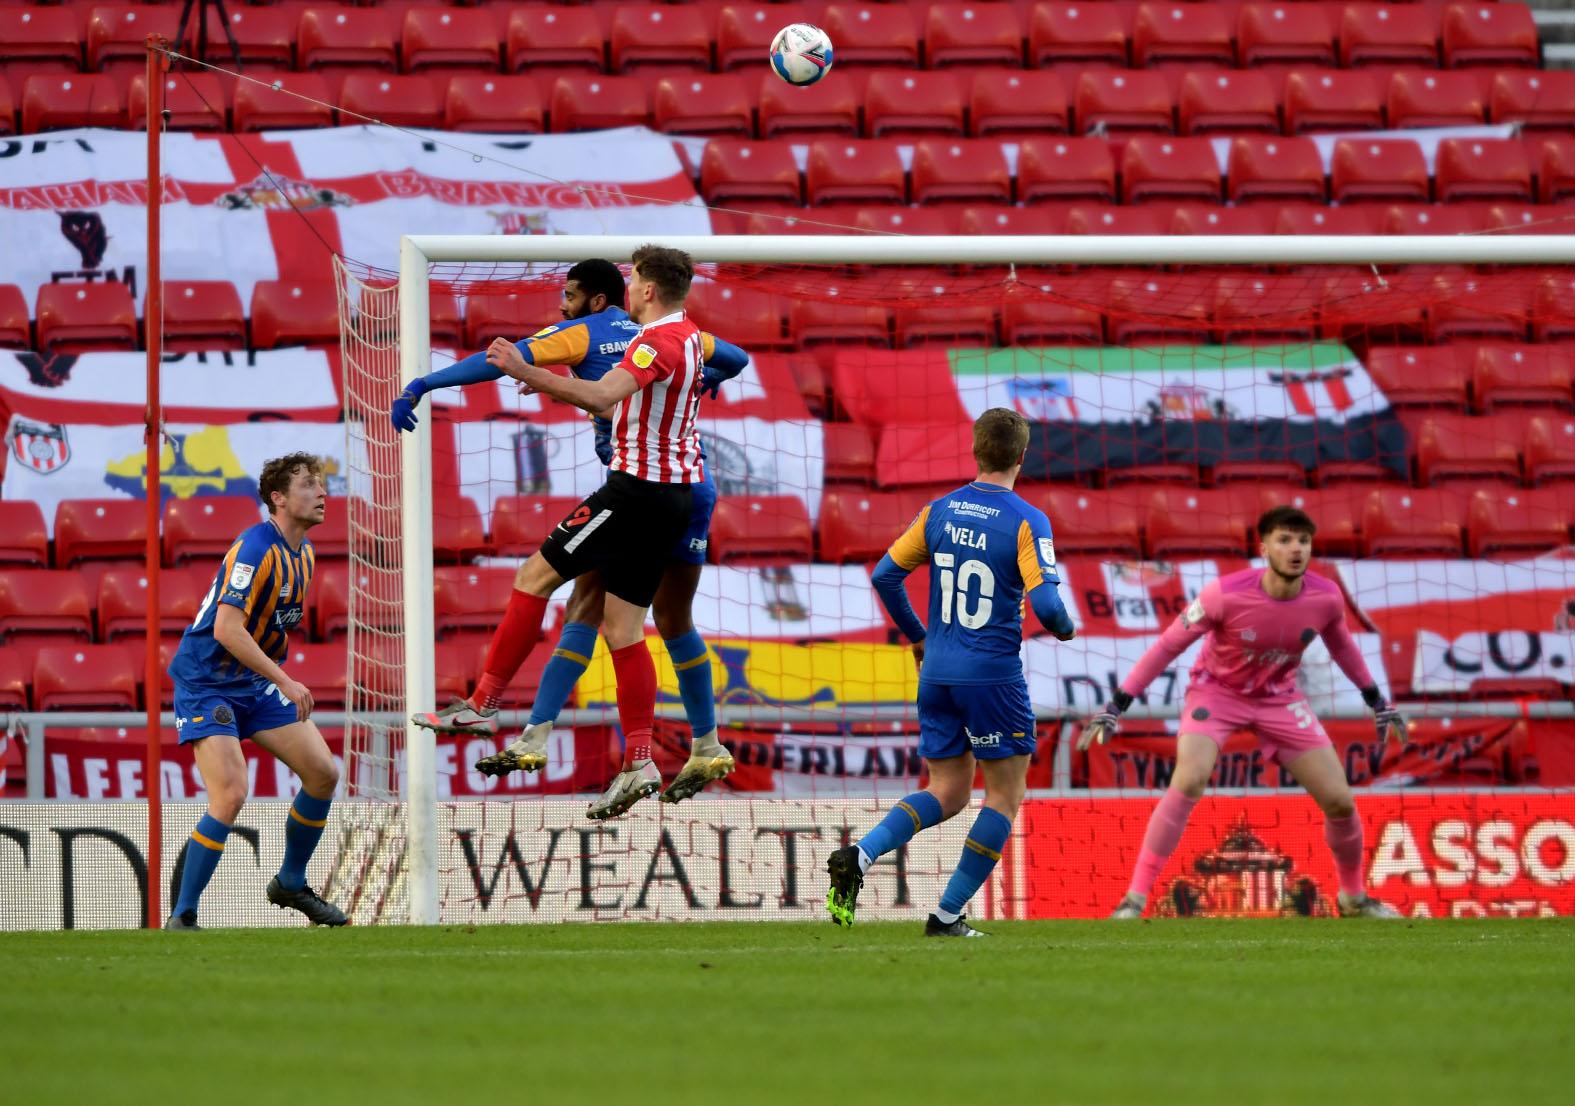 Wyke Shrewsbury Goal Sunderland blog